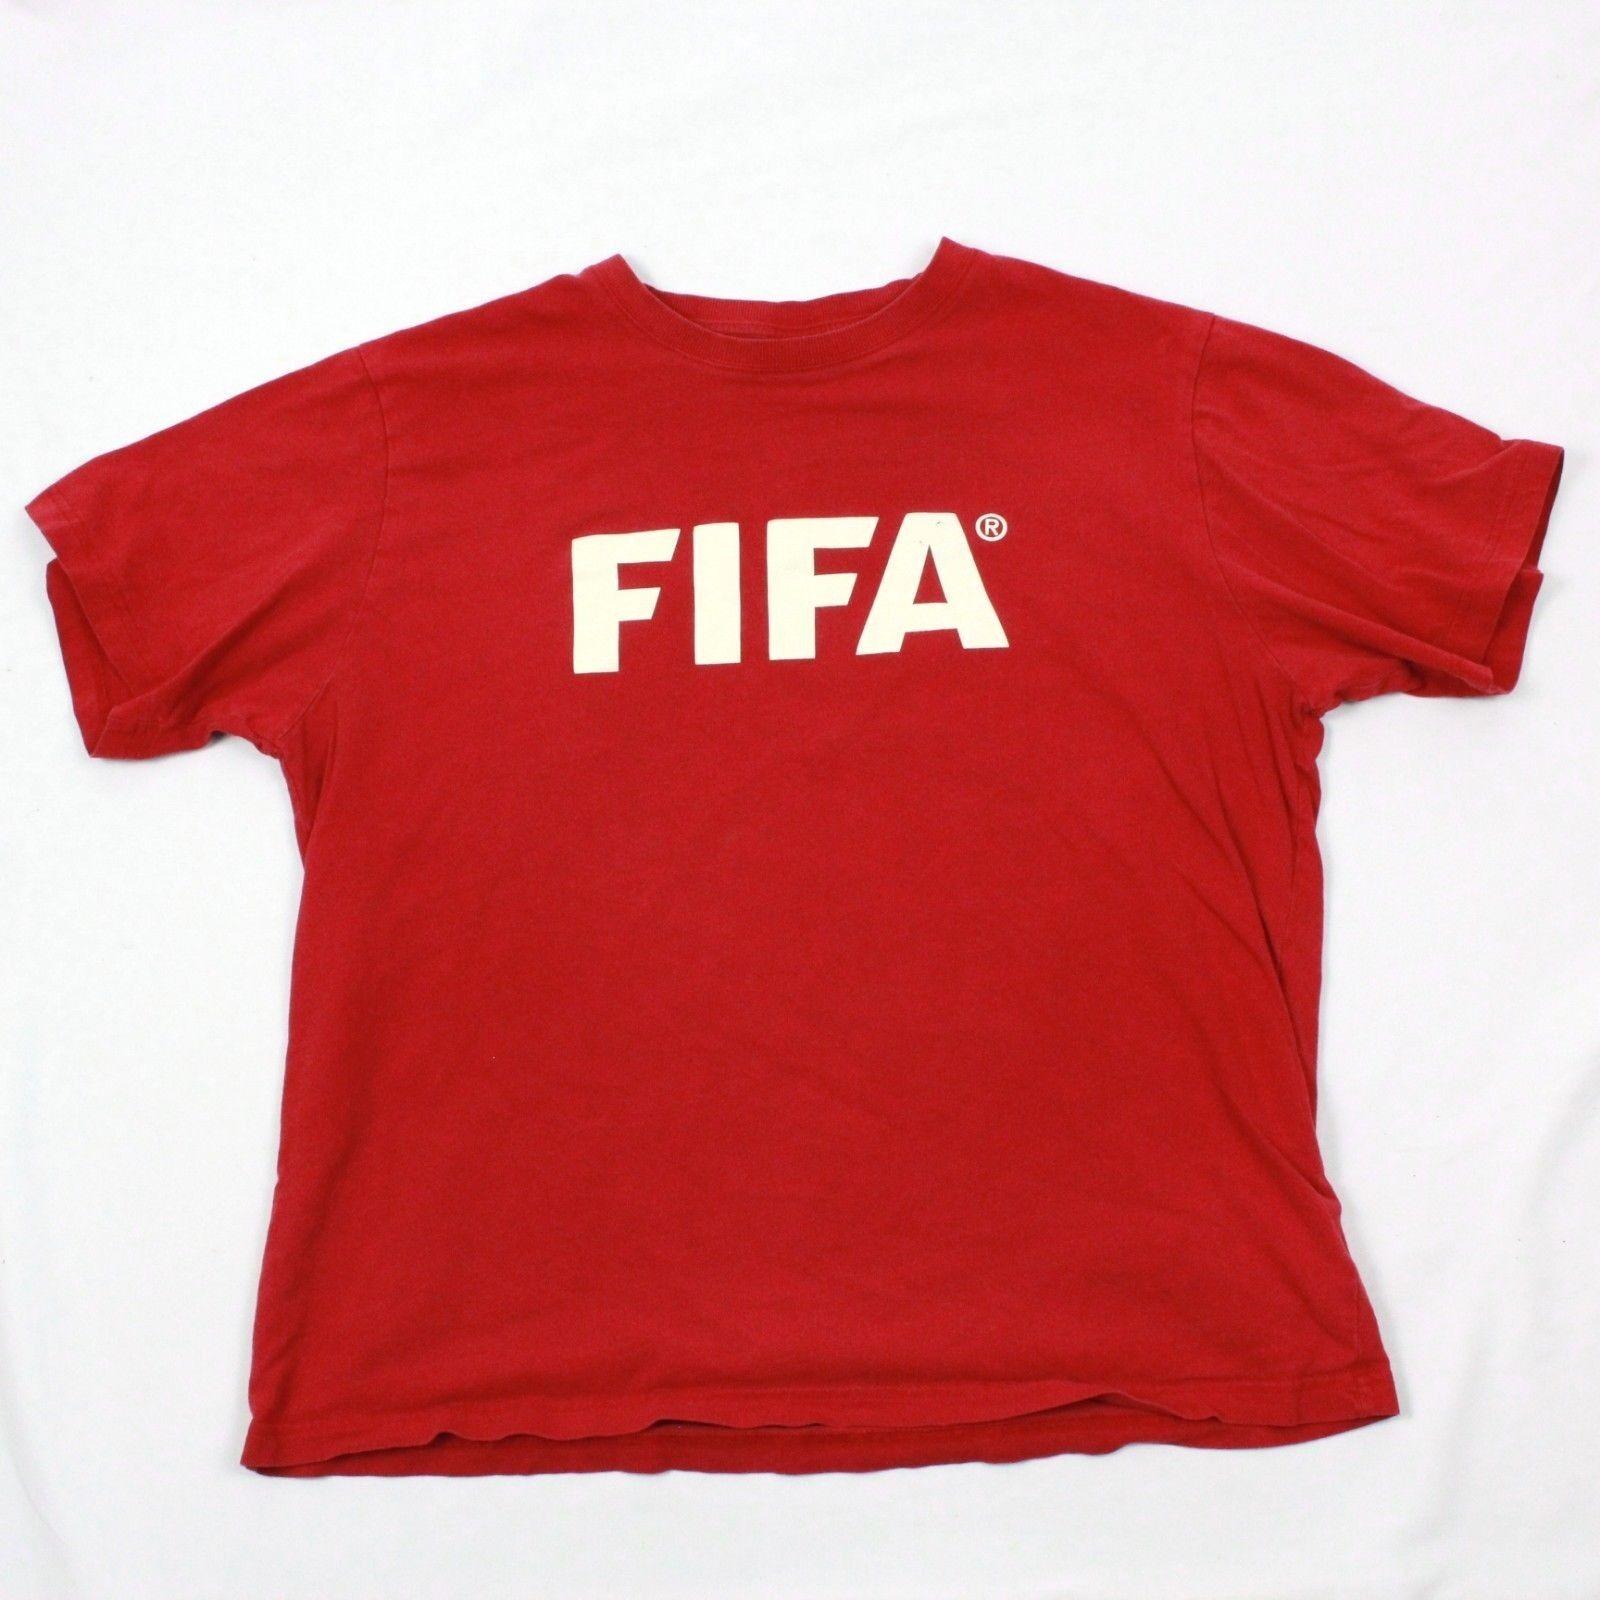 Vintage Fifa Fussball T-Shirt Extragroß Rot Fußballspieler Kurzärmlig Fußball T  | Spielzeugwelt, glücklich und grenzenlos  | Exquisite (in) Verarbeitung  | Deutschland München